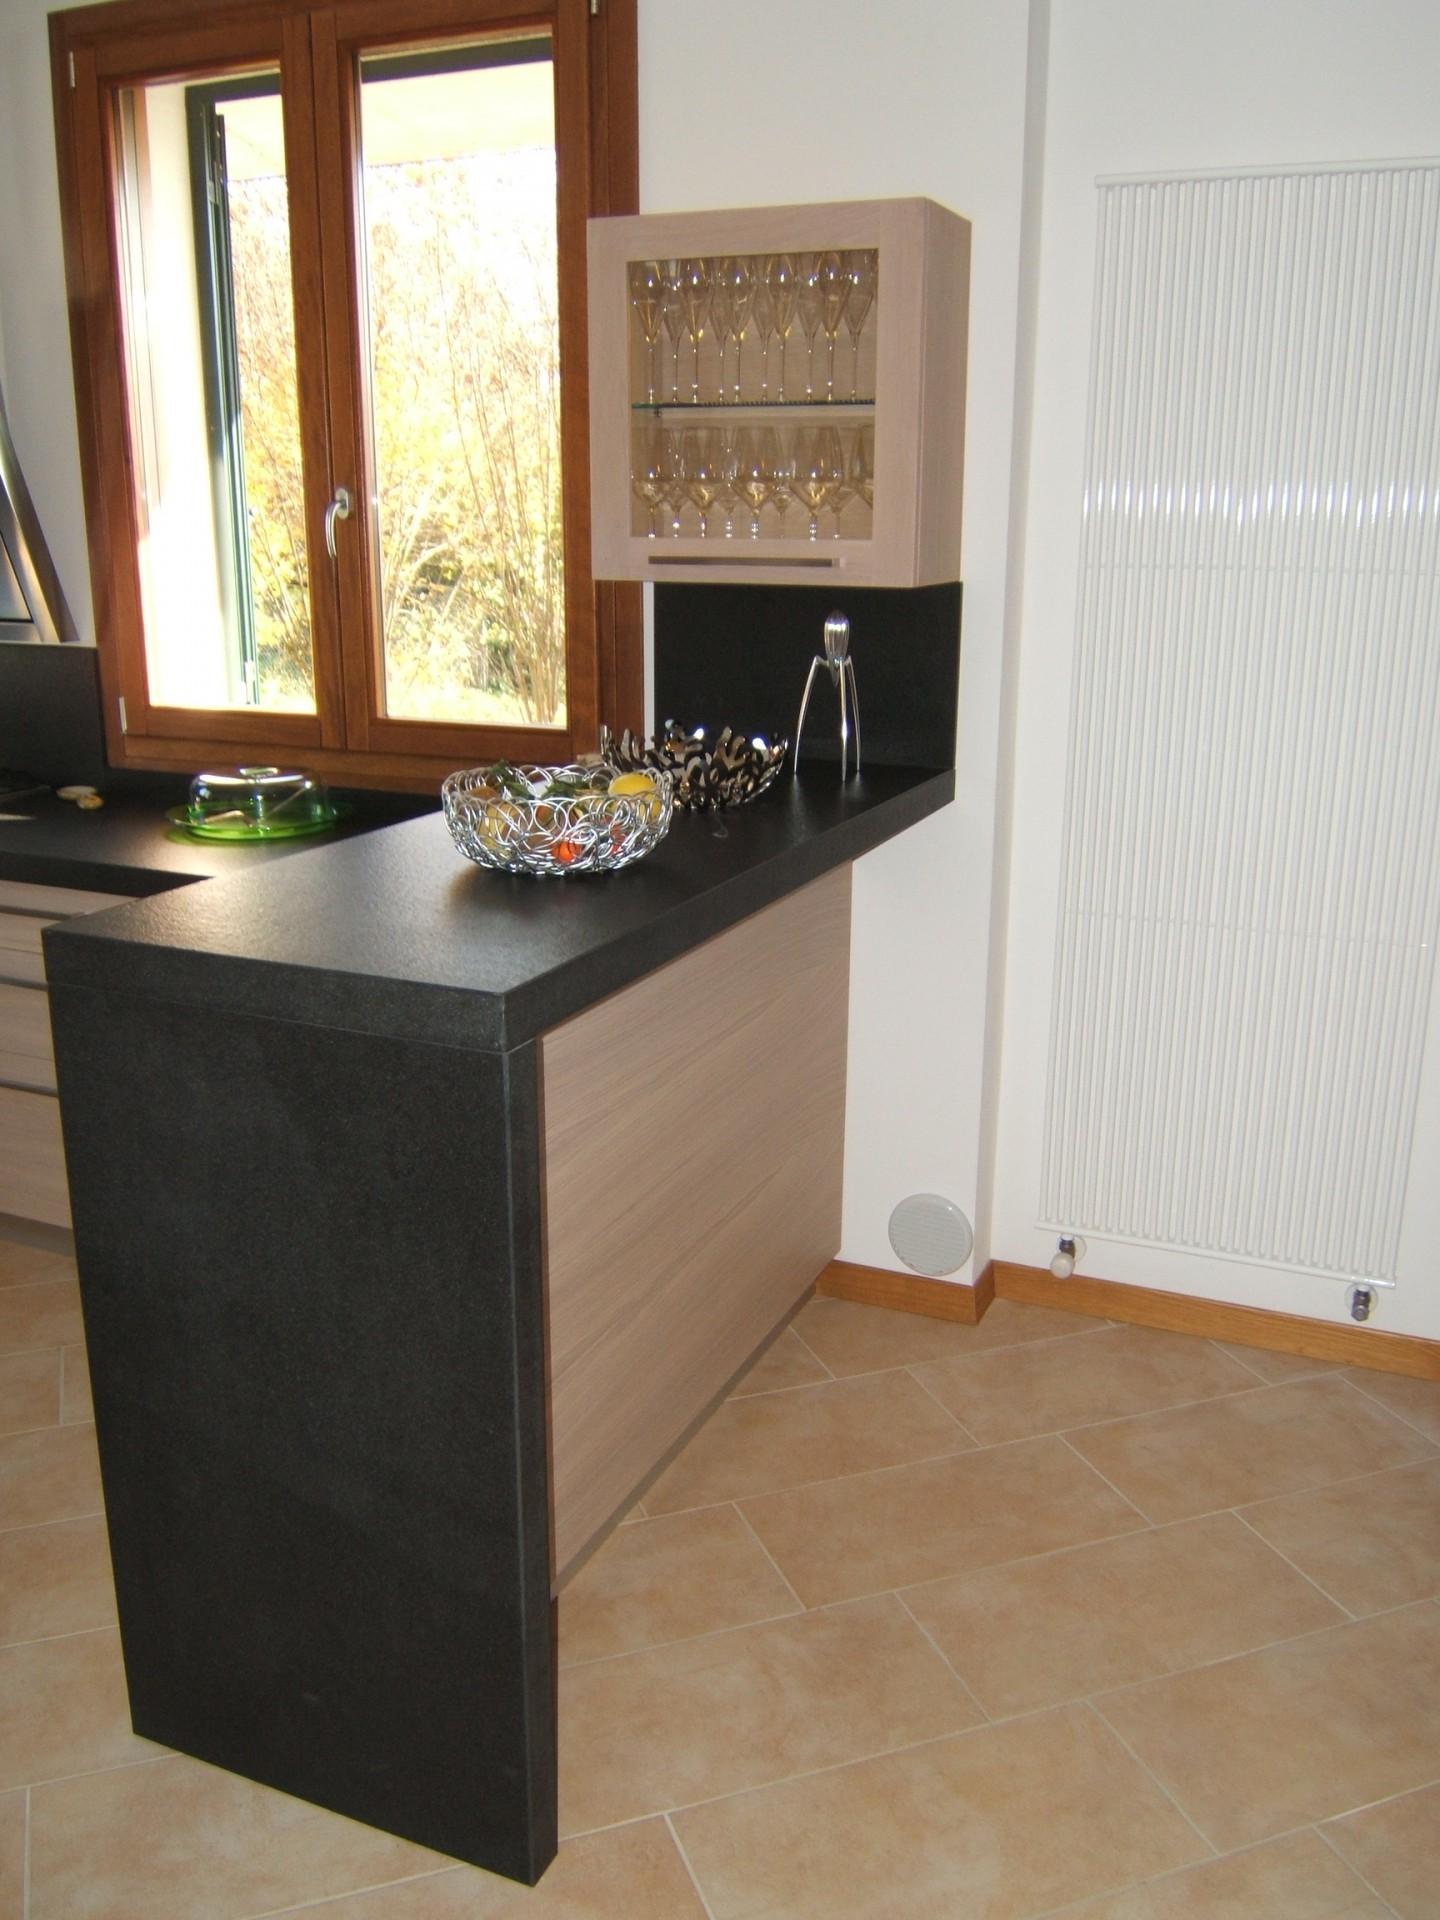 Cucina costruita in legno di rovere su misura fadini mobili cerea verona - Cucine in marmo ...